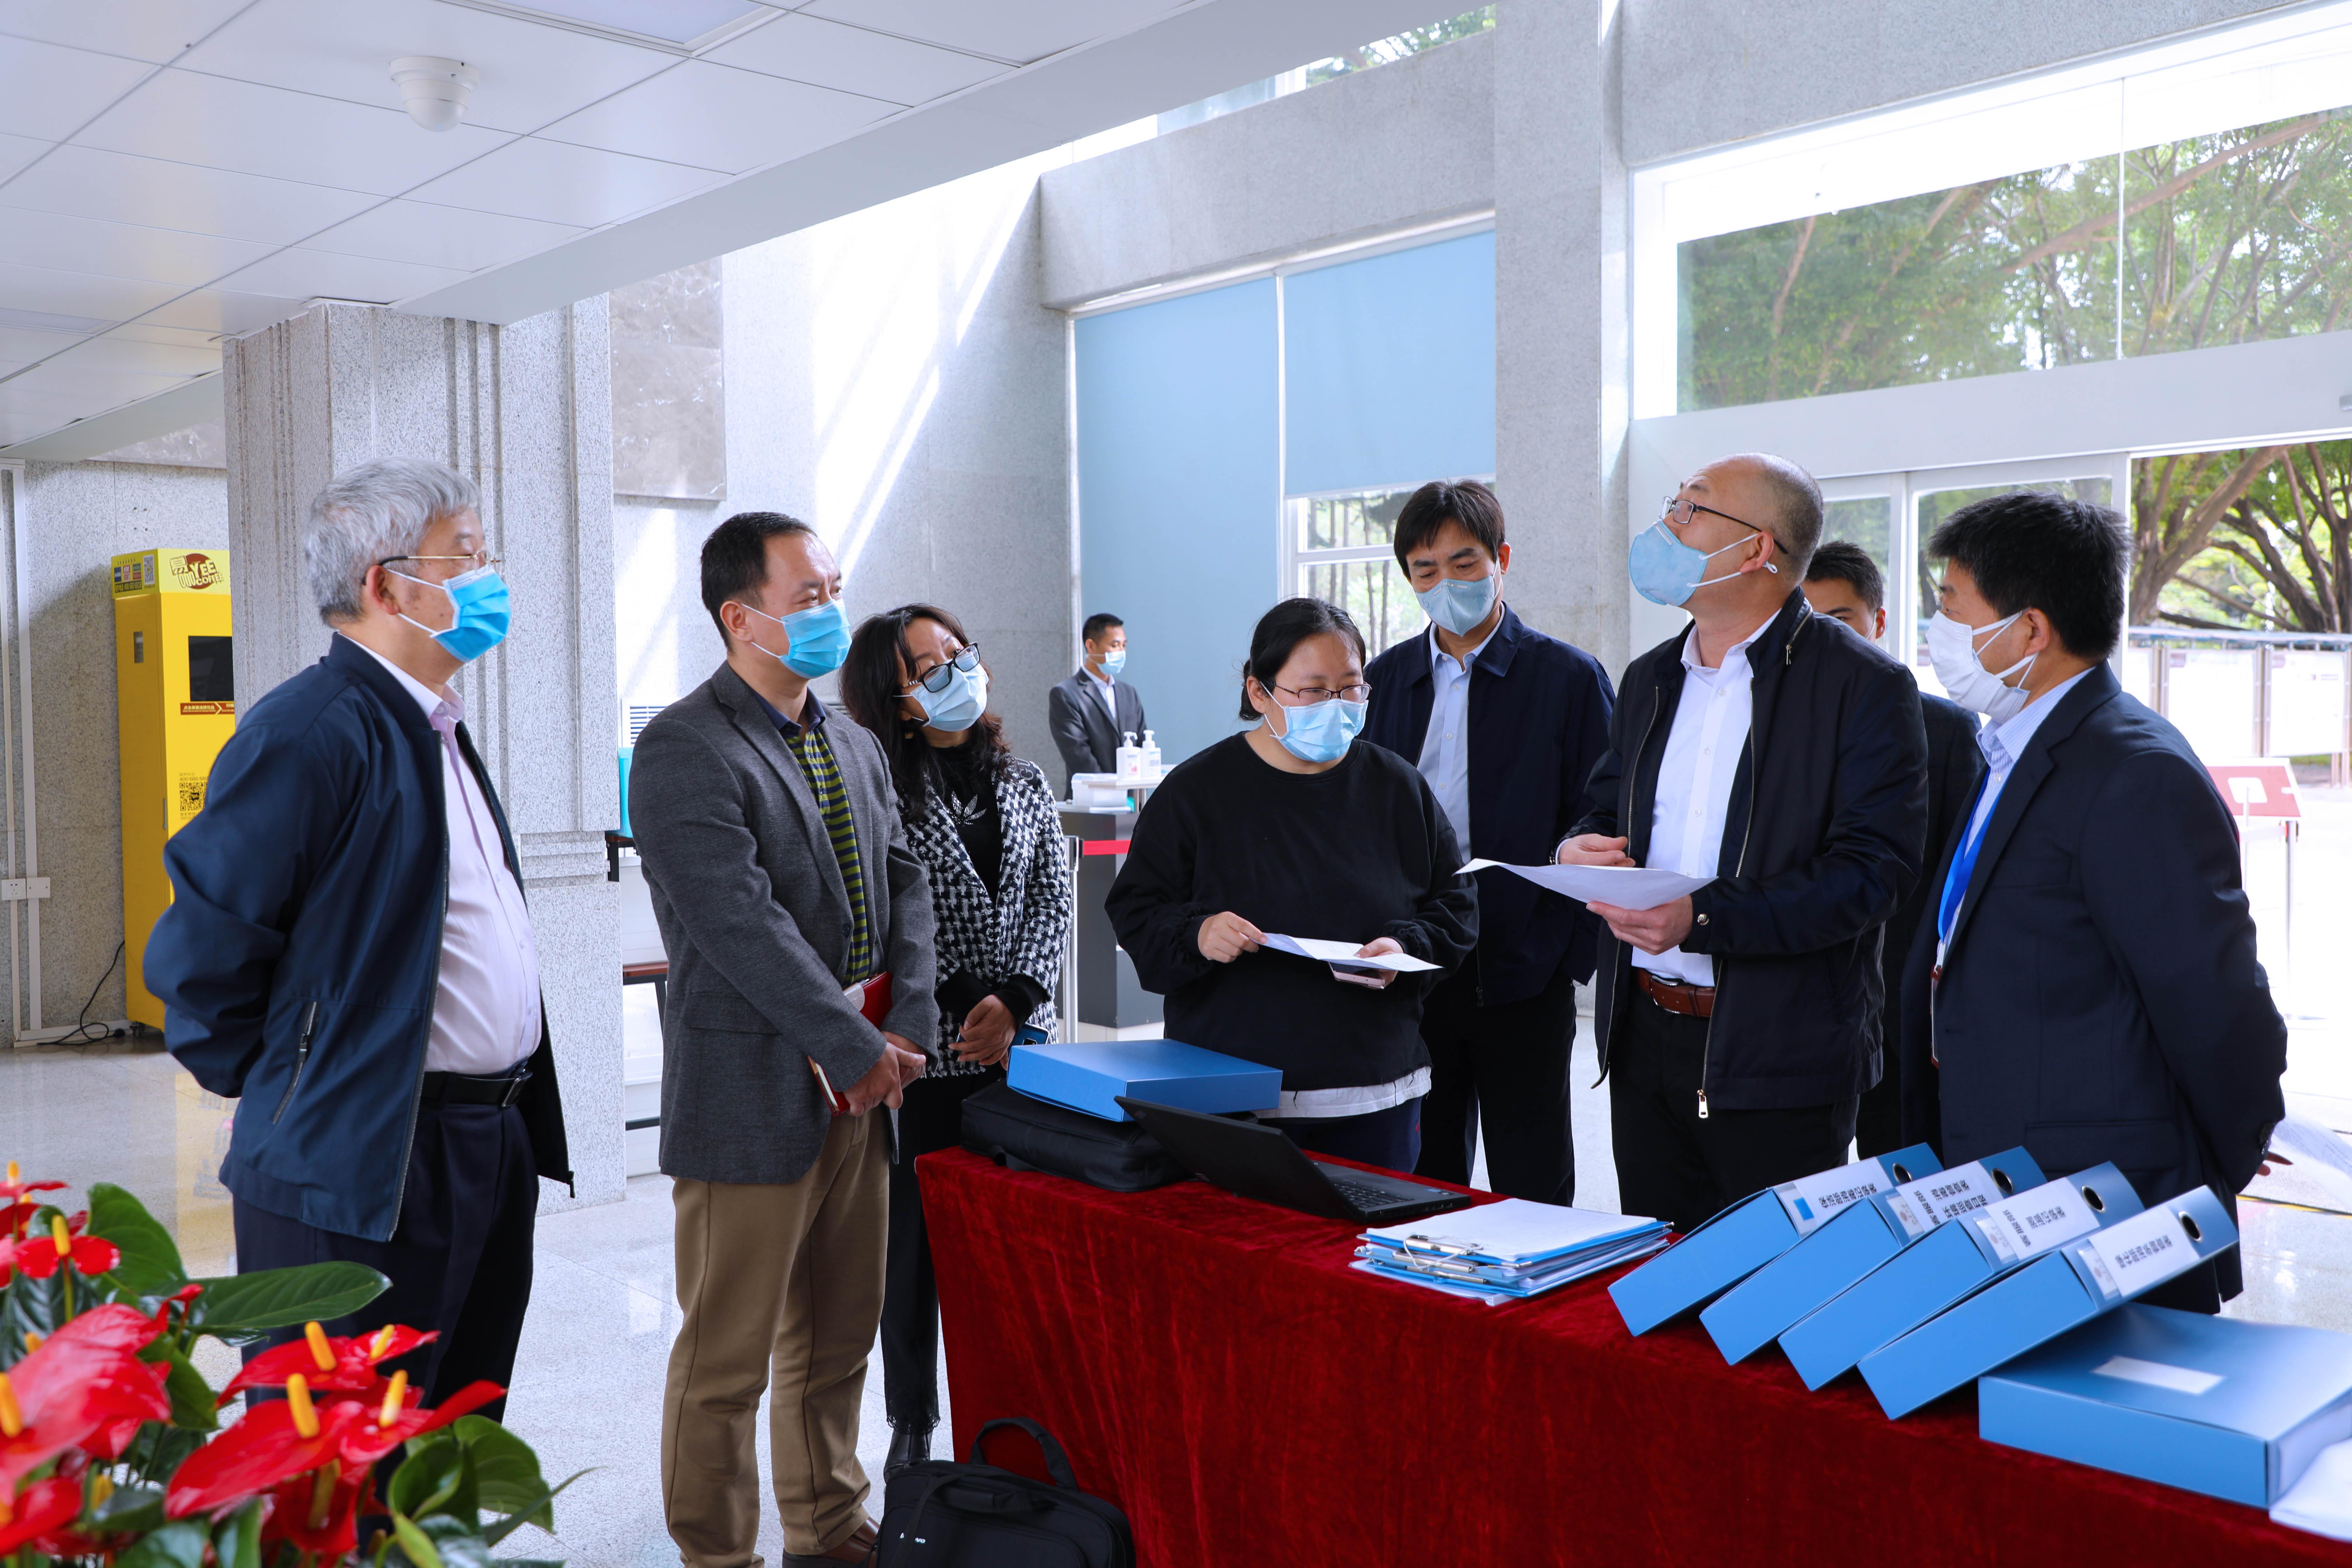 深圳市委教育工委副书记杨平一行到我院督查疫情防控工作